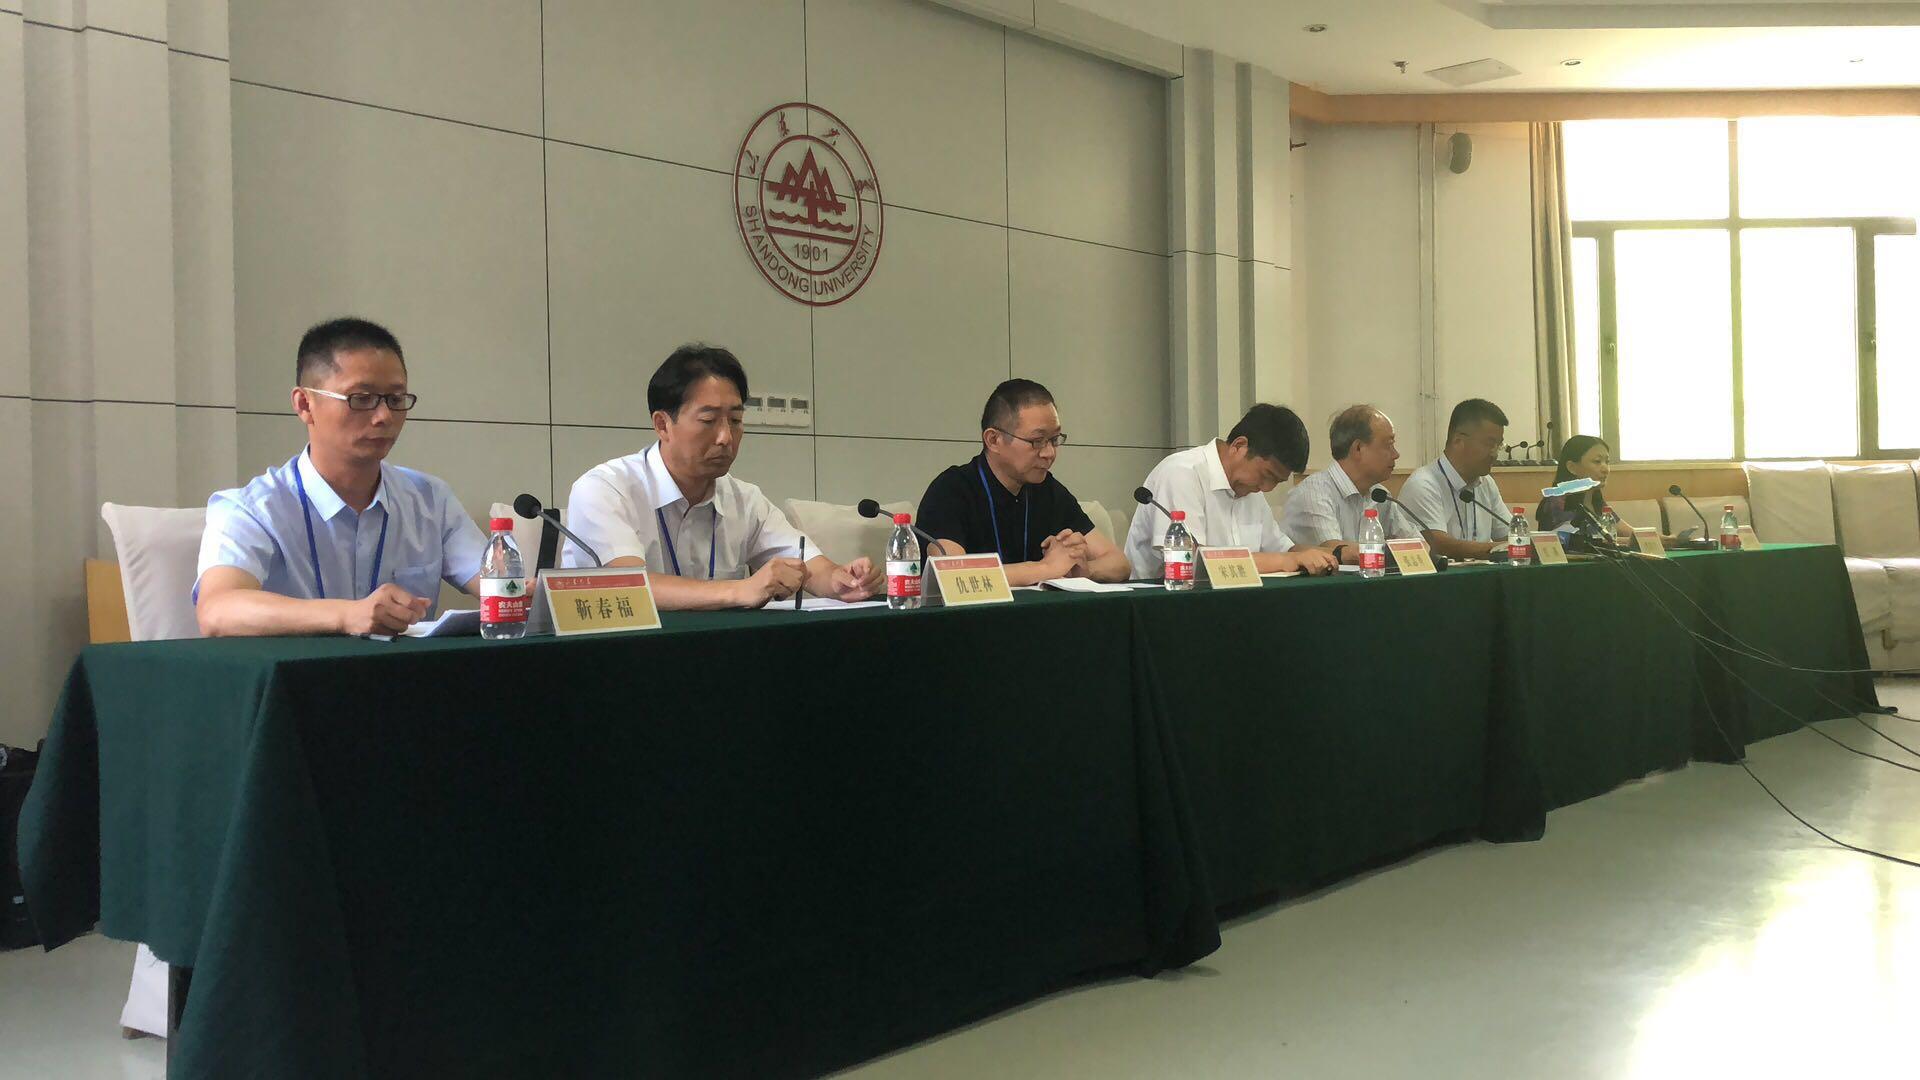 2018山东高考阅卷工作向媒体开放 6月25日前可查成绩